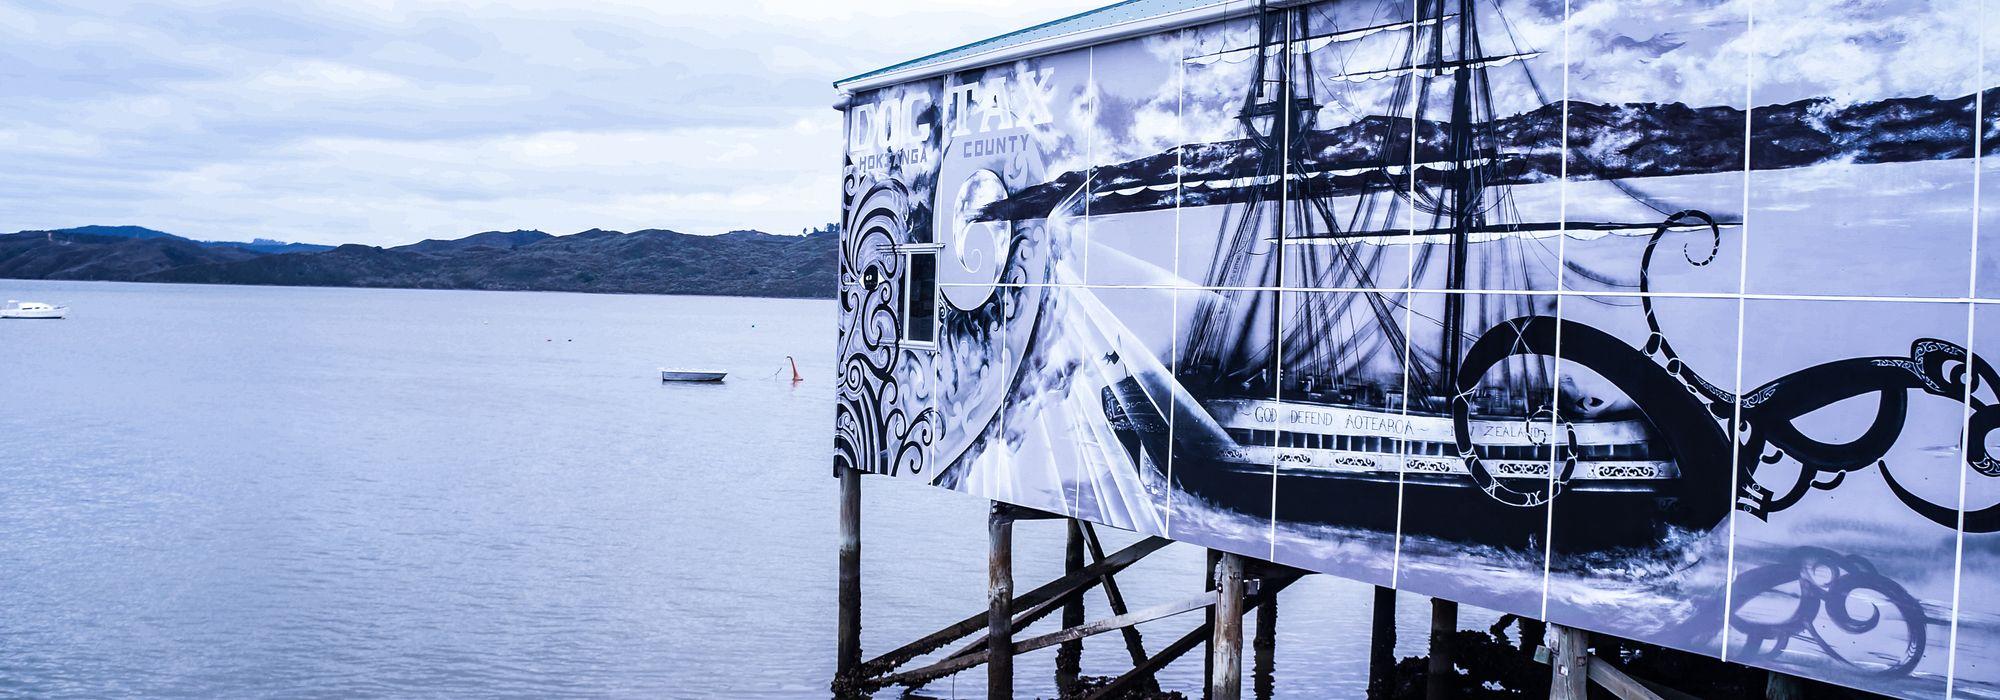 A beautiful mural on a wharf in Rawene